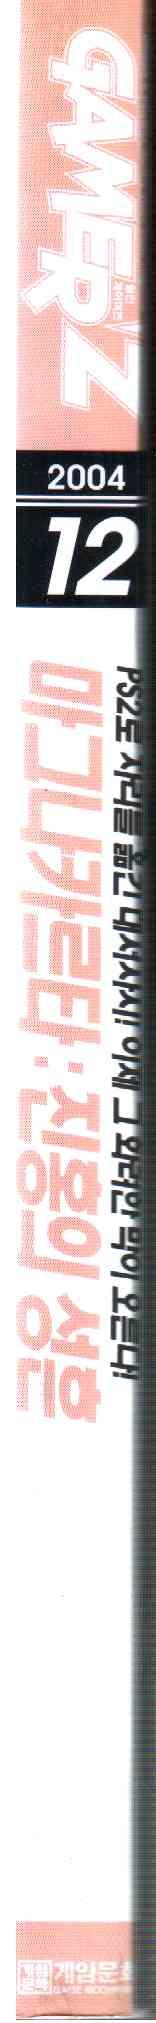 게이머즈 2004년 12월